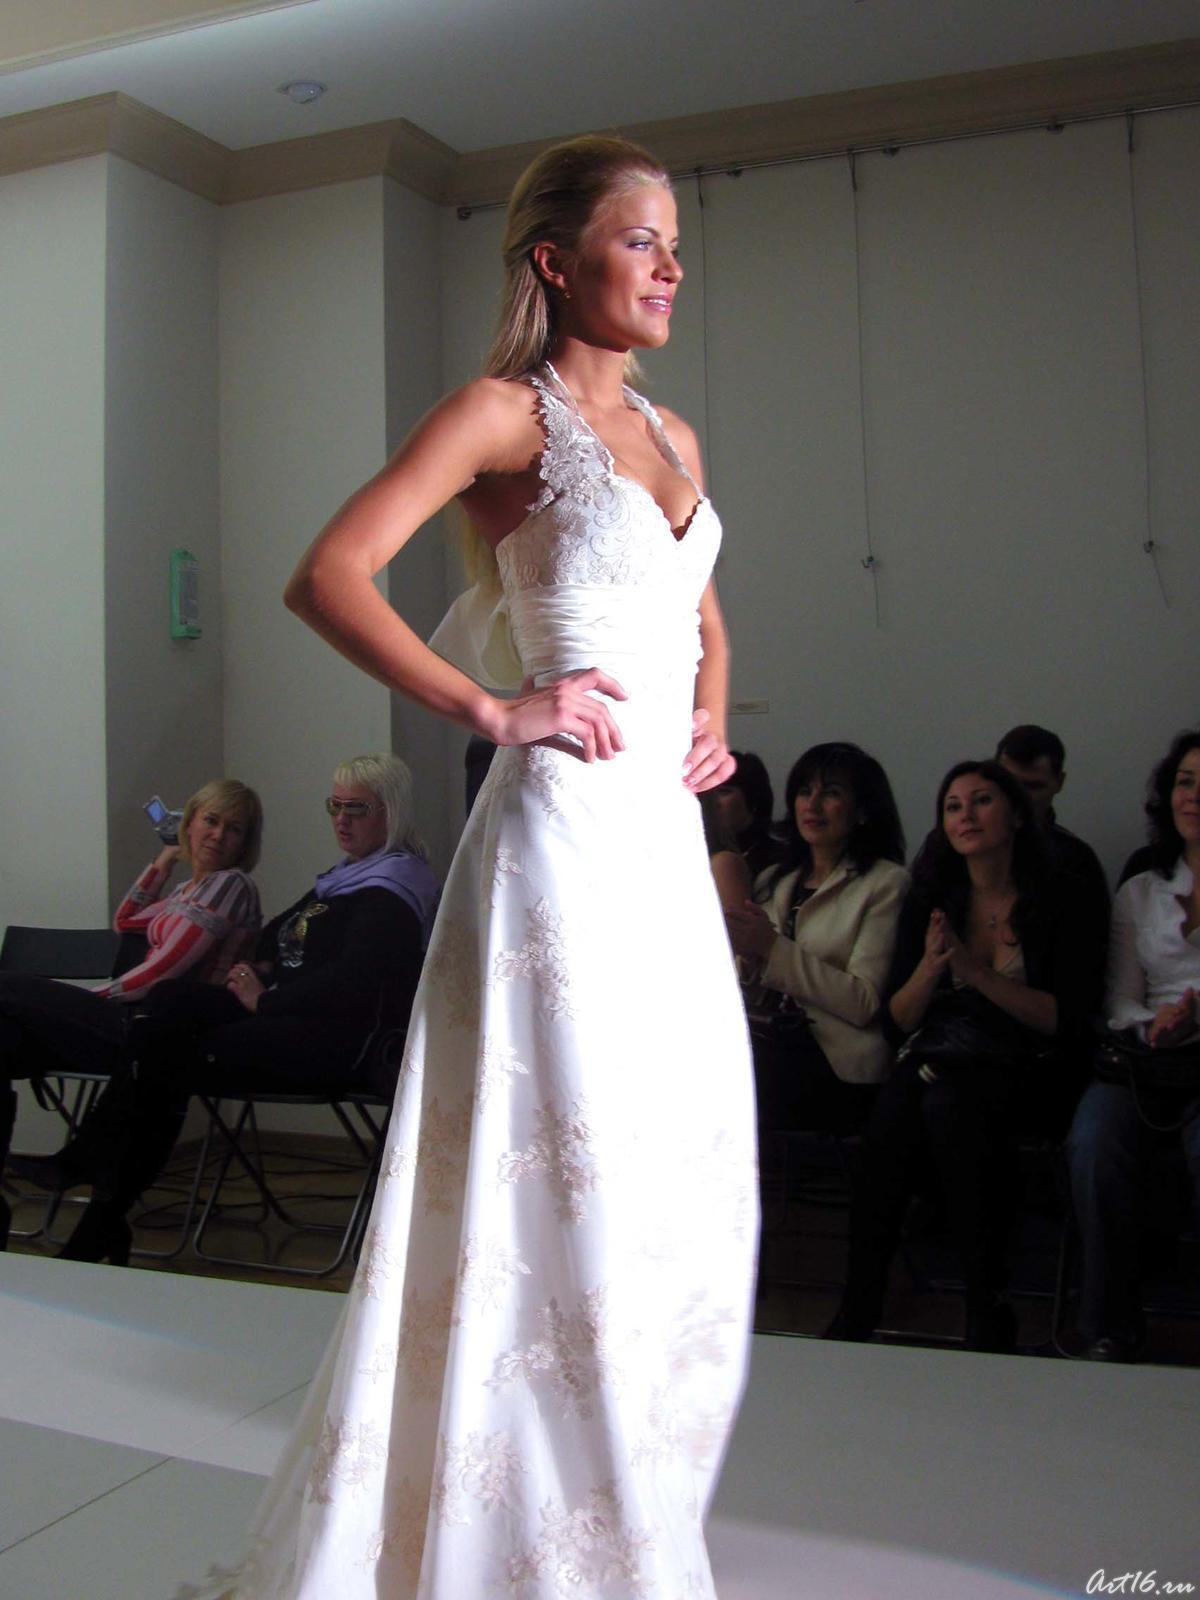 Фото №21493. Дефиле в свадебных платьях _0989